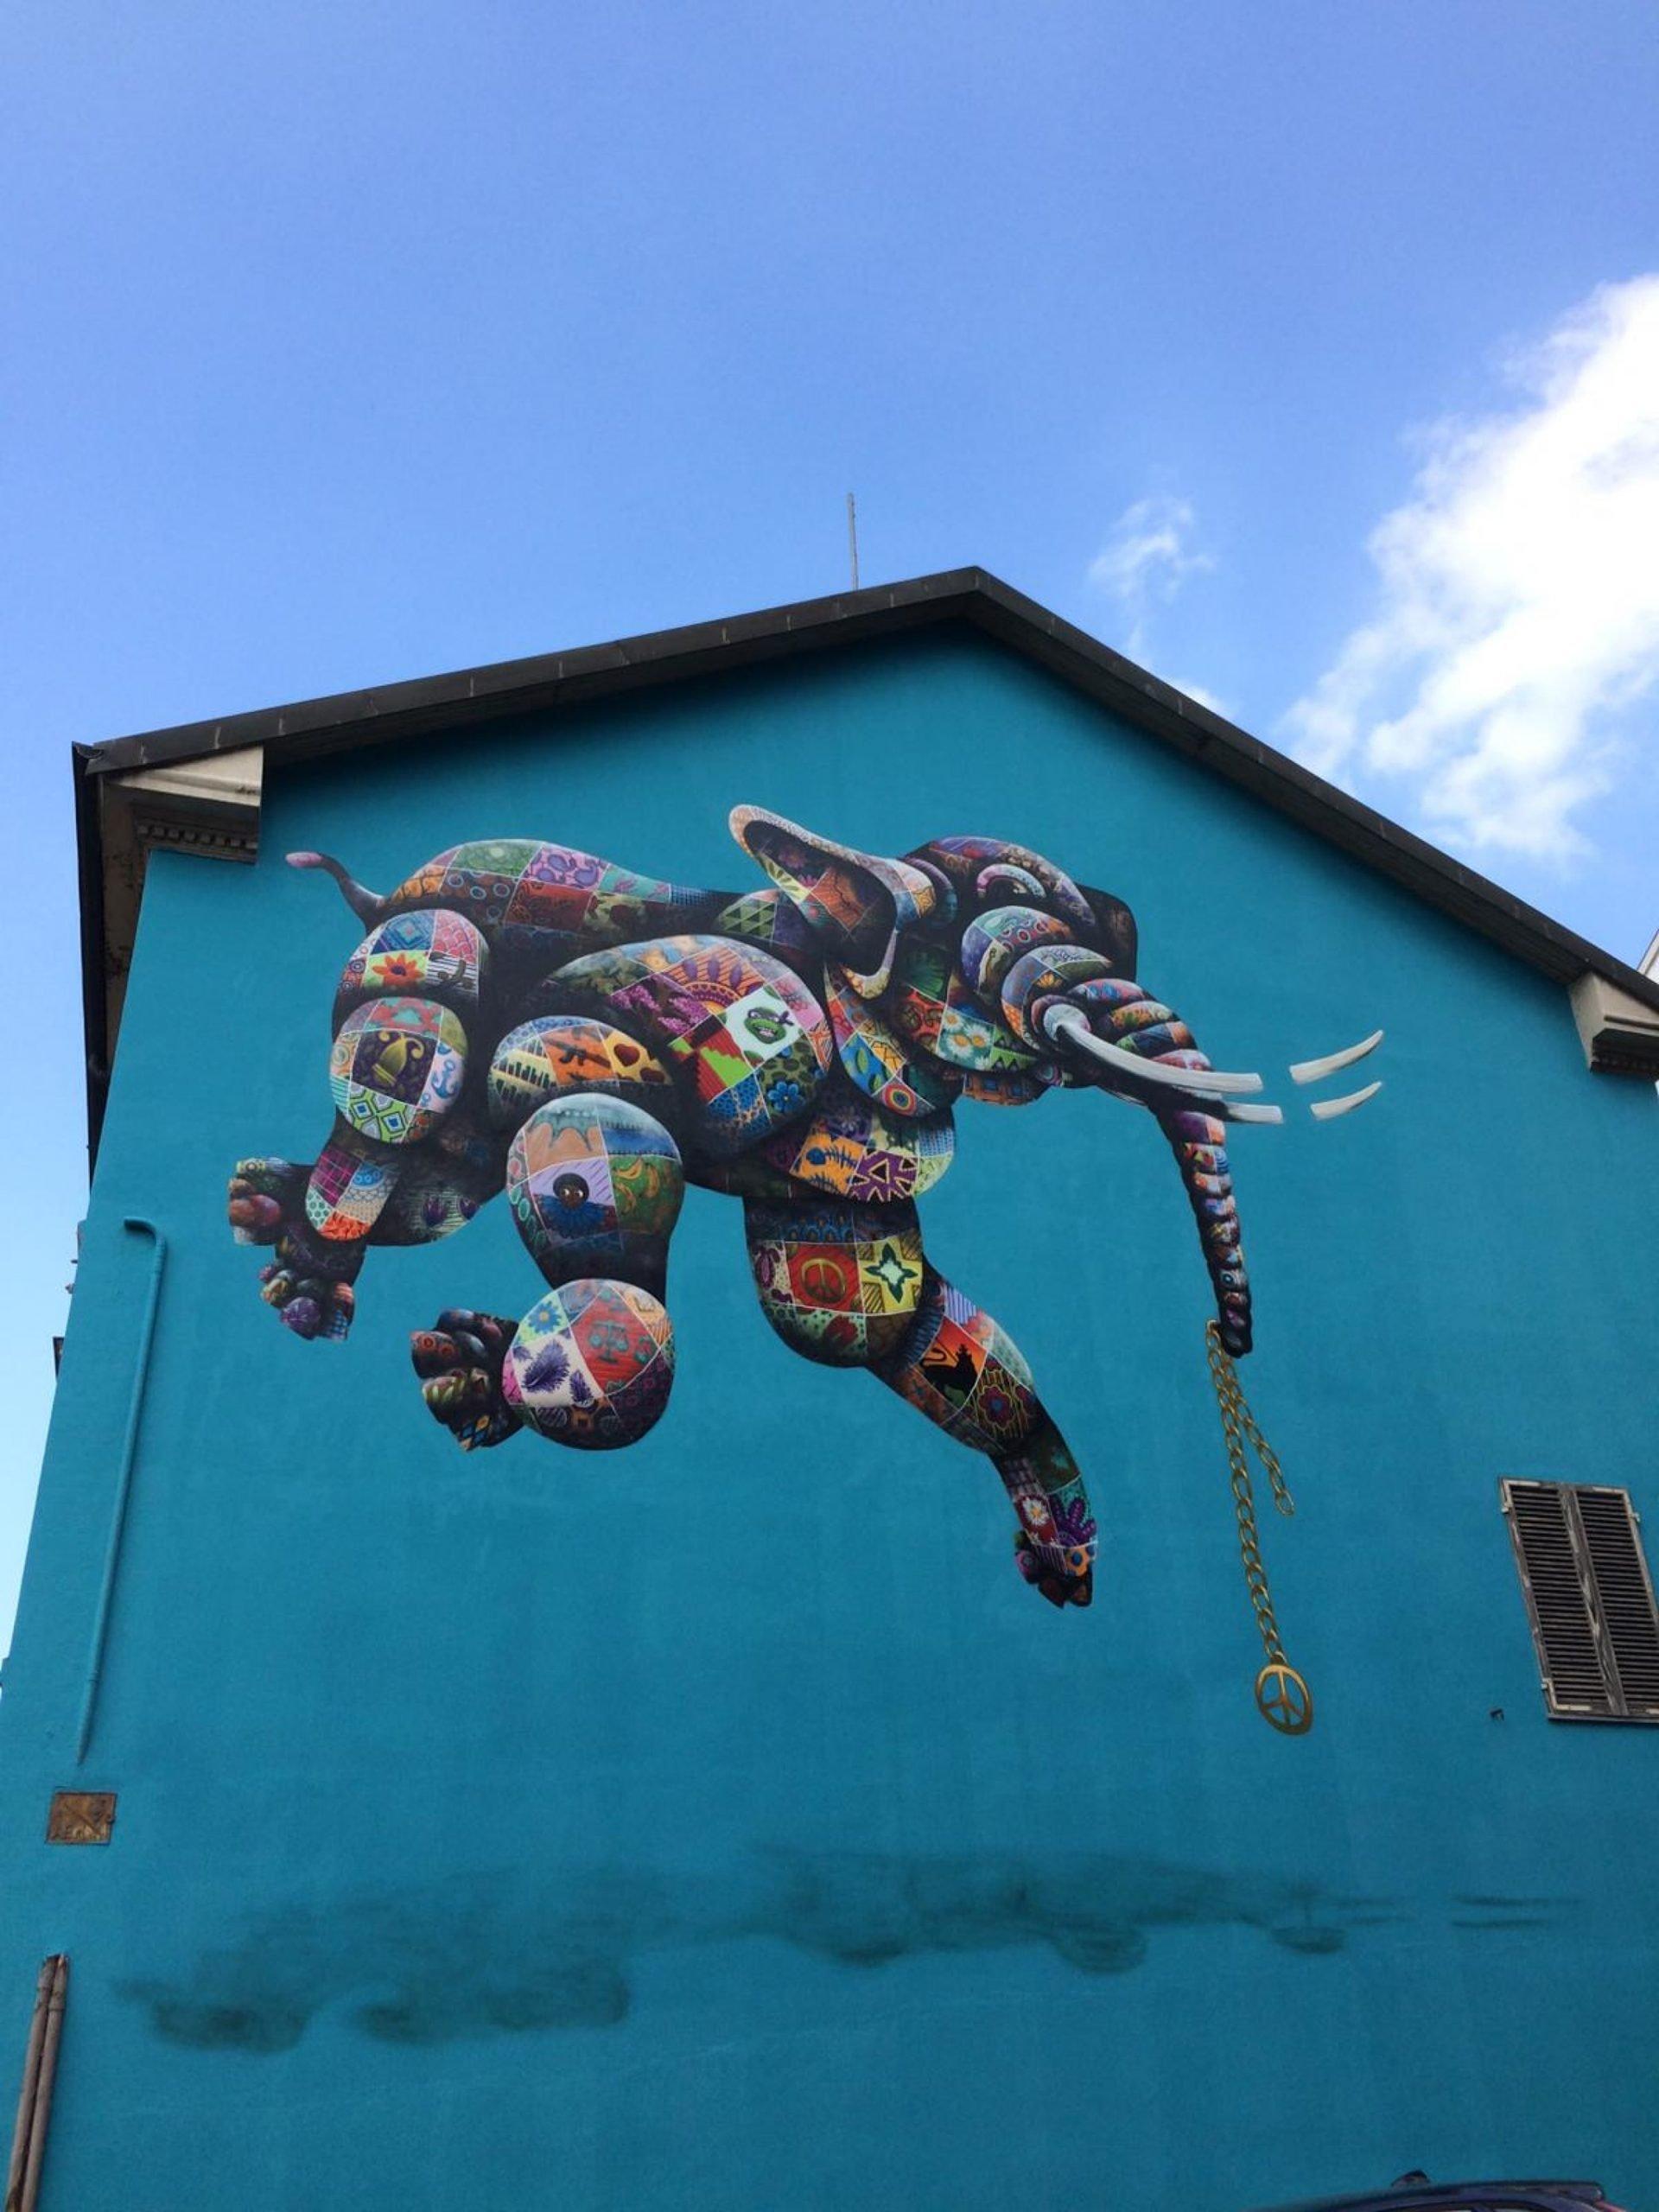 Murales Goal 16: Peace, Justice and Strong Institutions di Louis Masai a Torino per il progetto di arte urbana TOward 2030